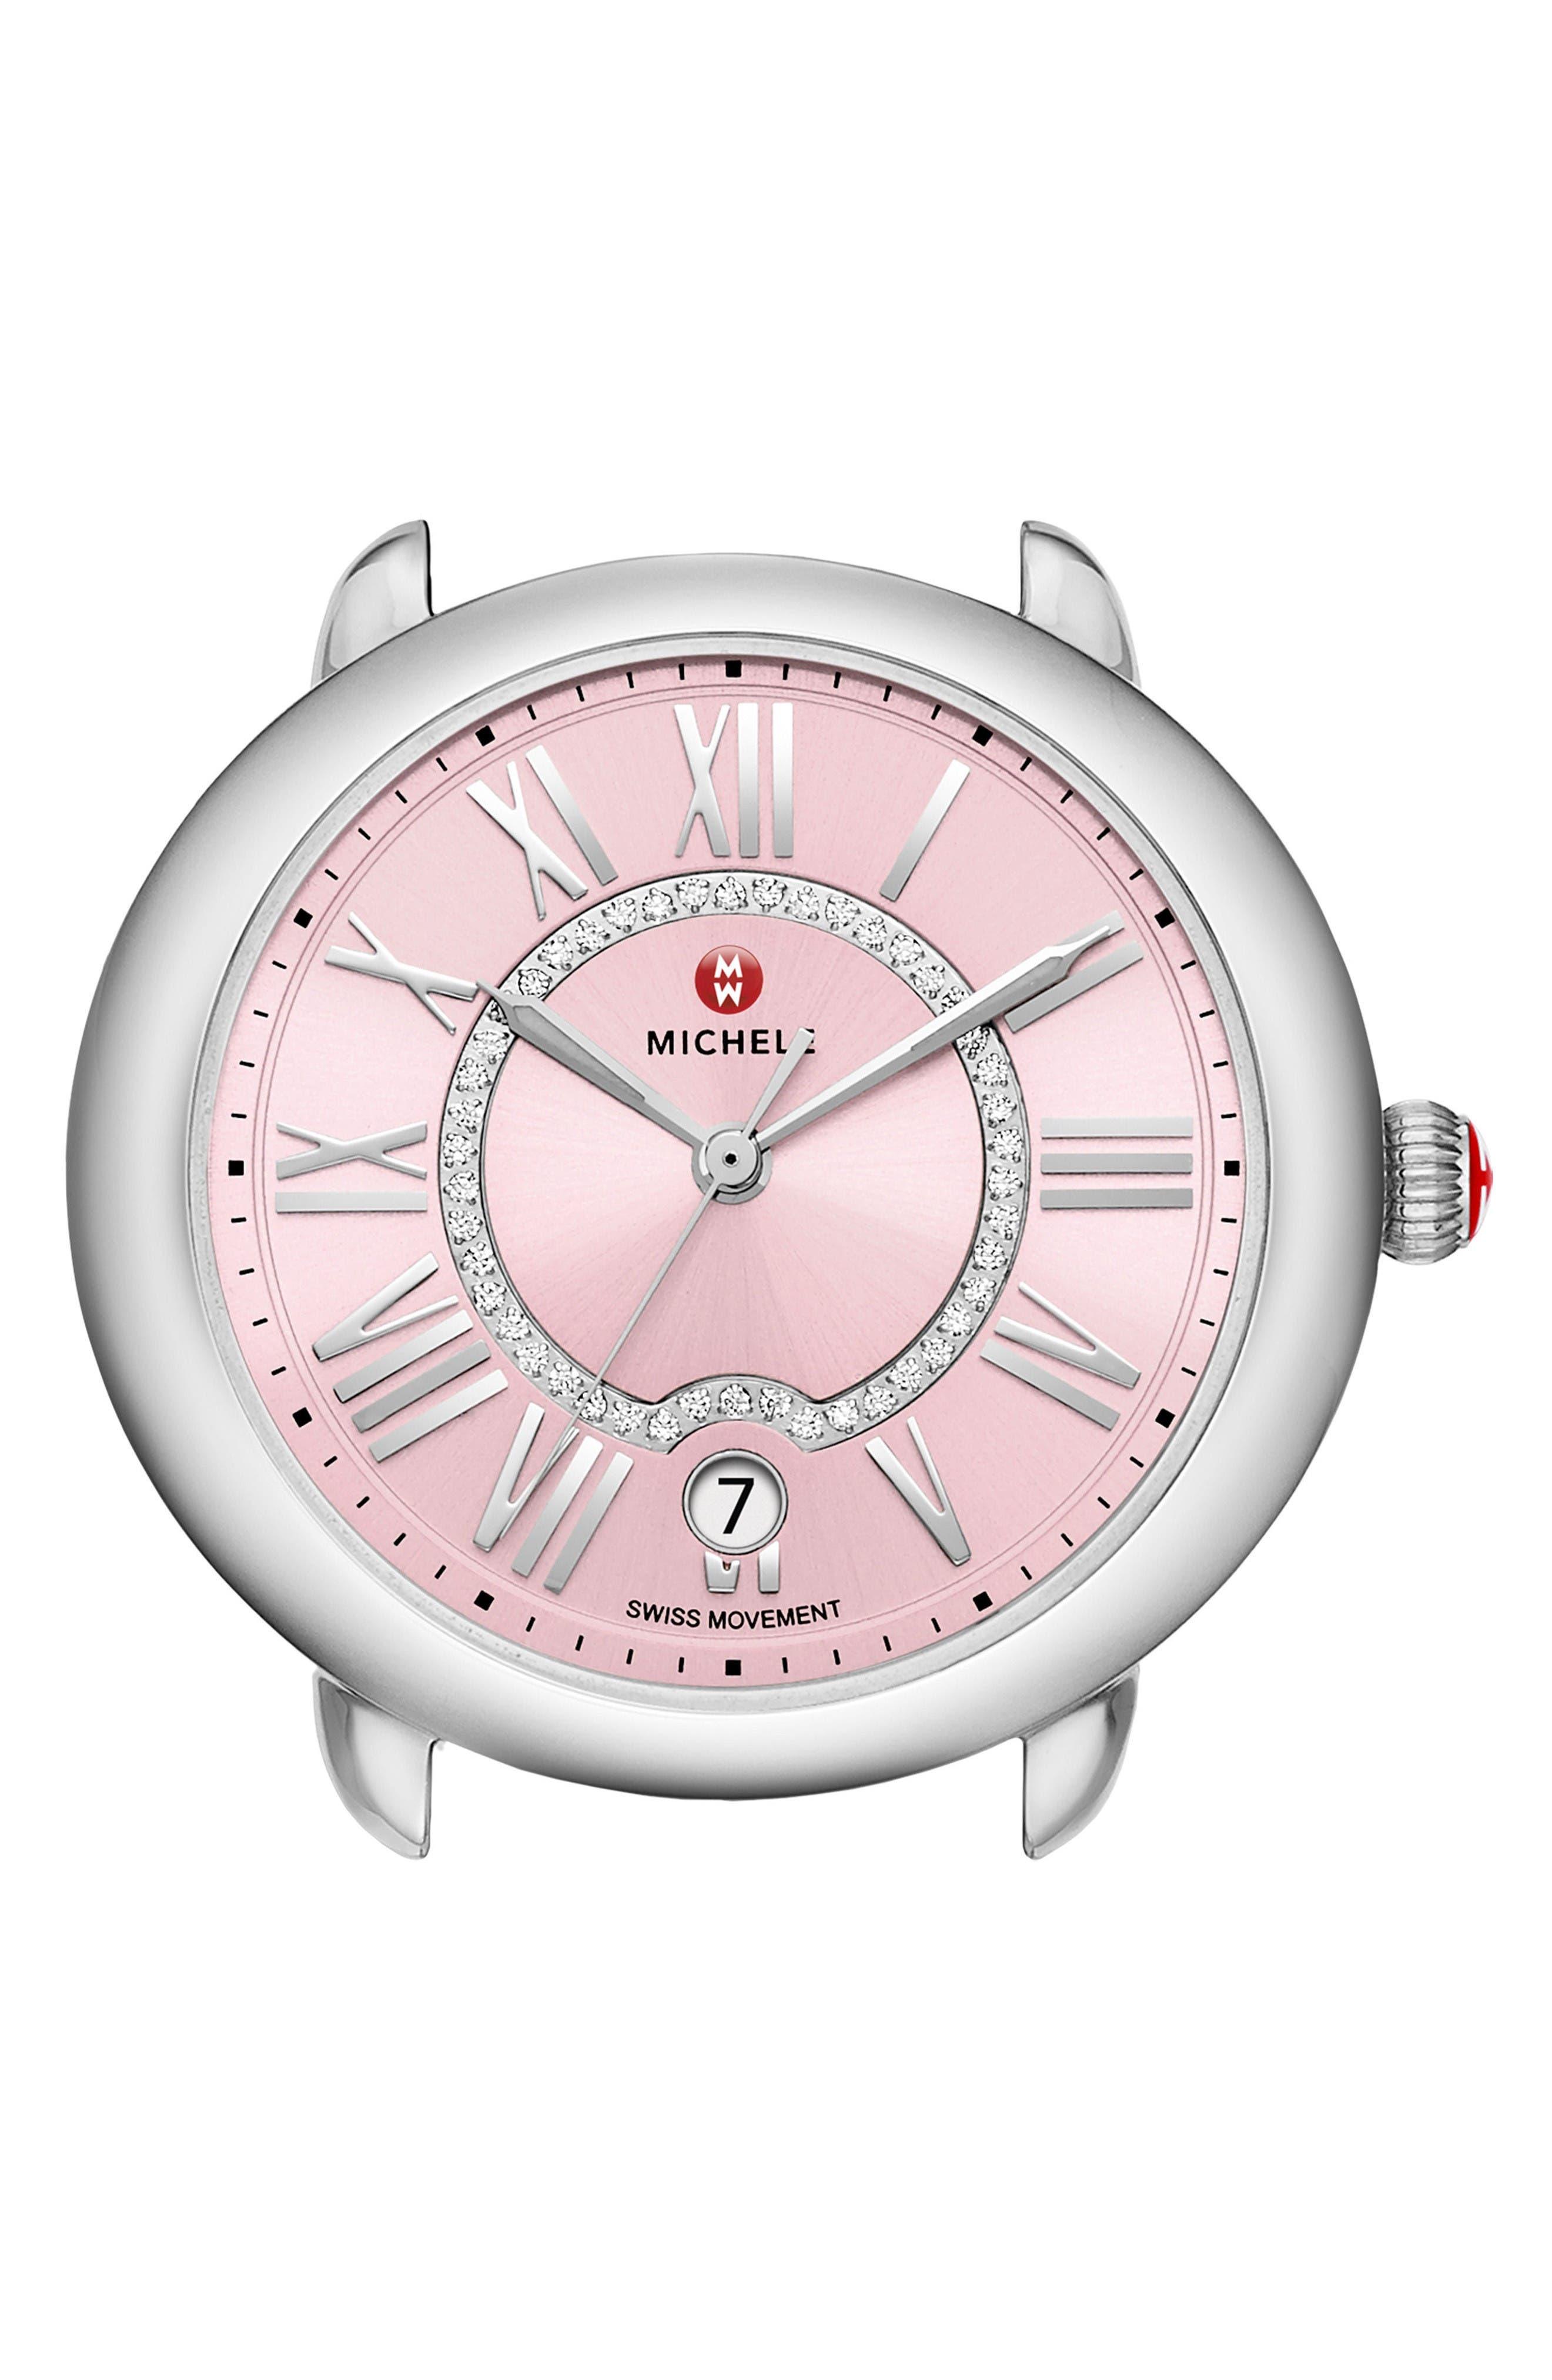 MICHELE Serein Diamond Dial Watch Case, 36mm x 34mm